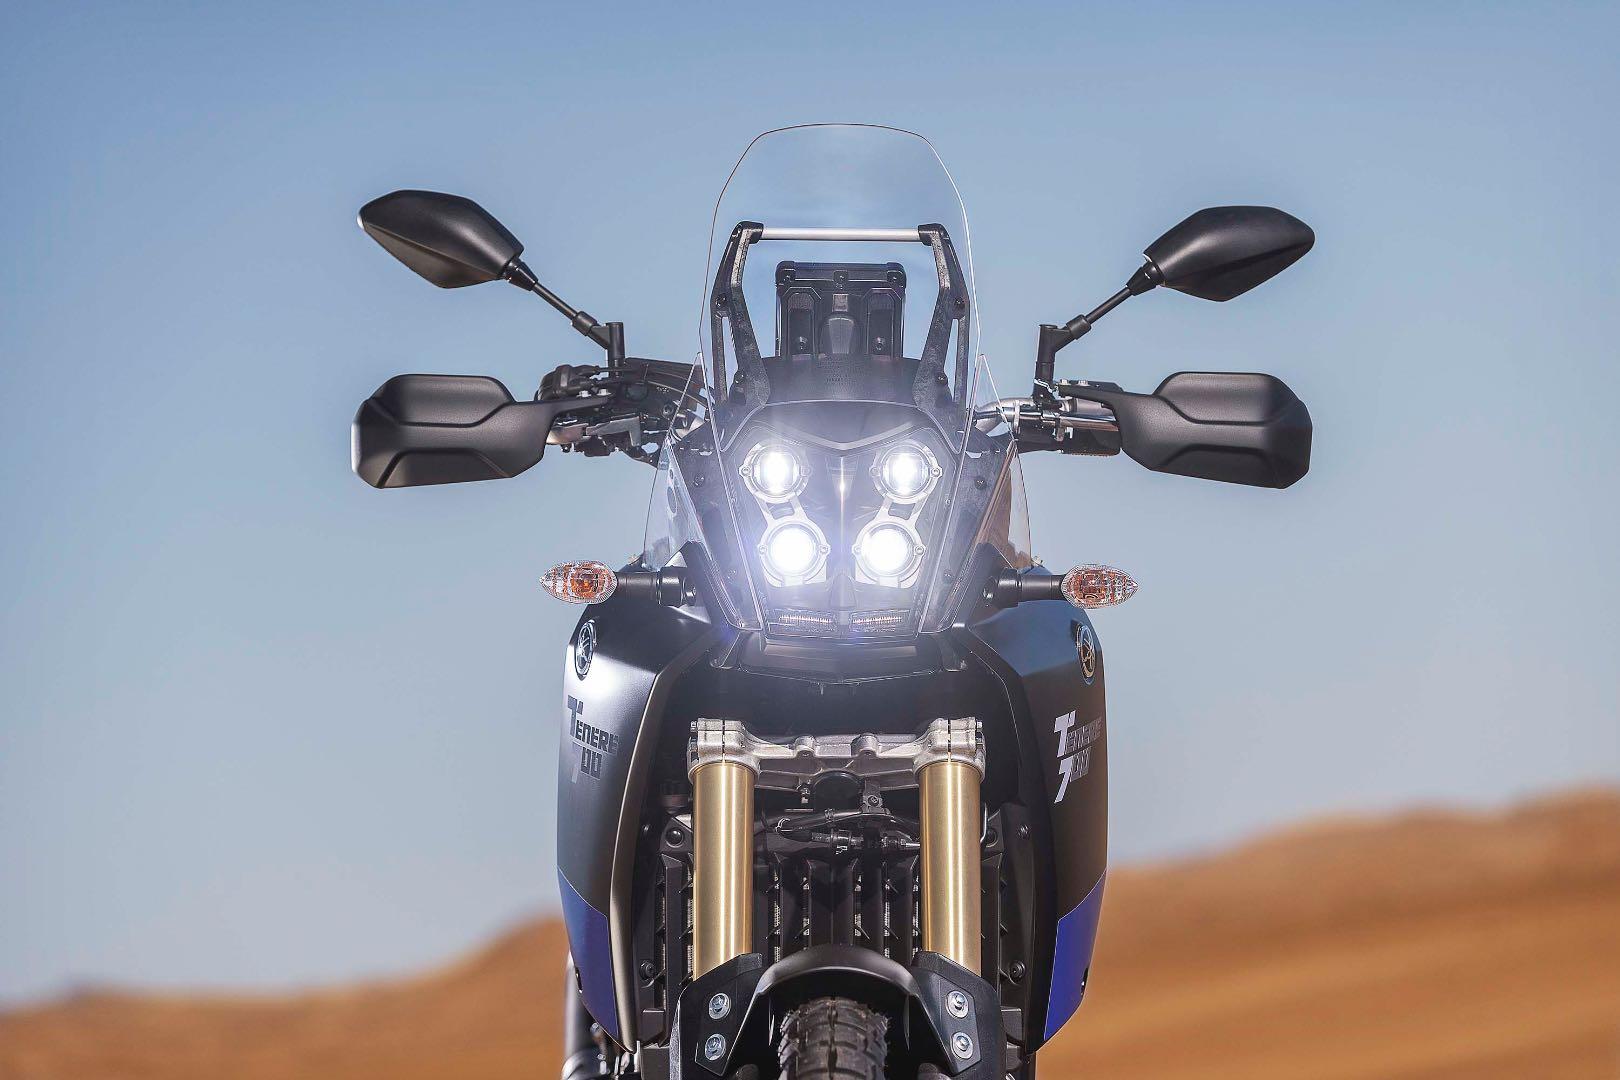 2021 Yamaha Ténéré 700 LED headlights